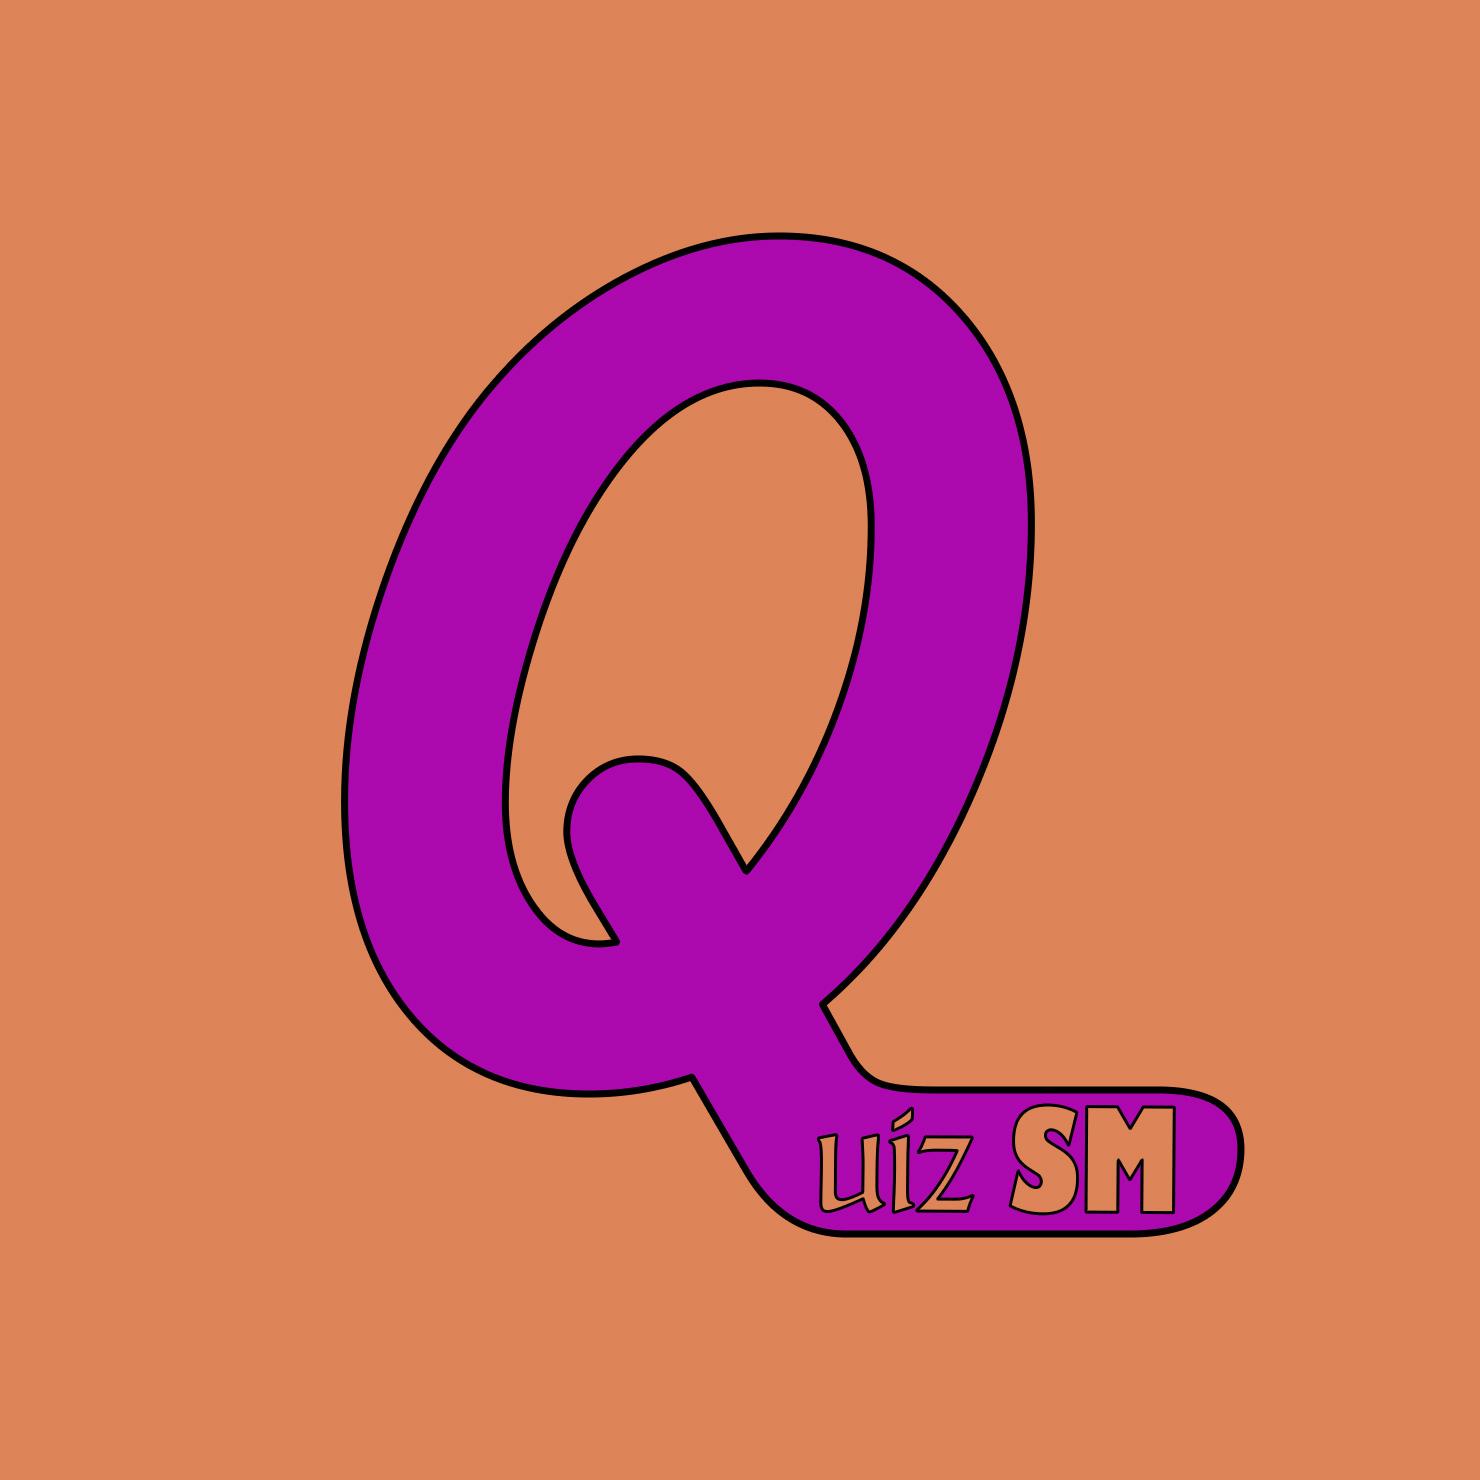 Quiz SM